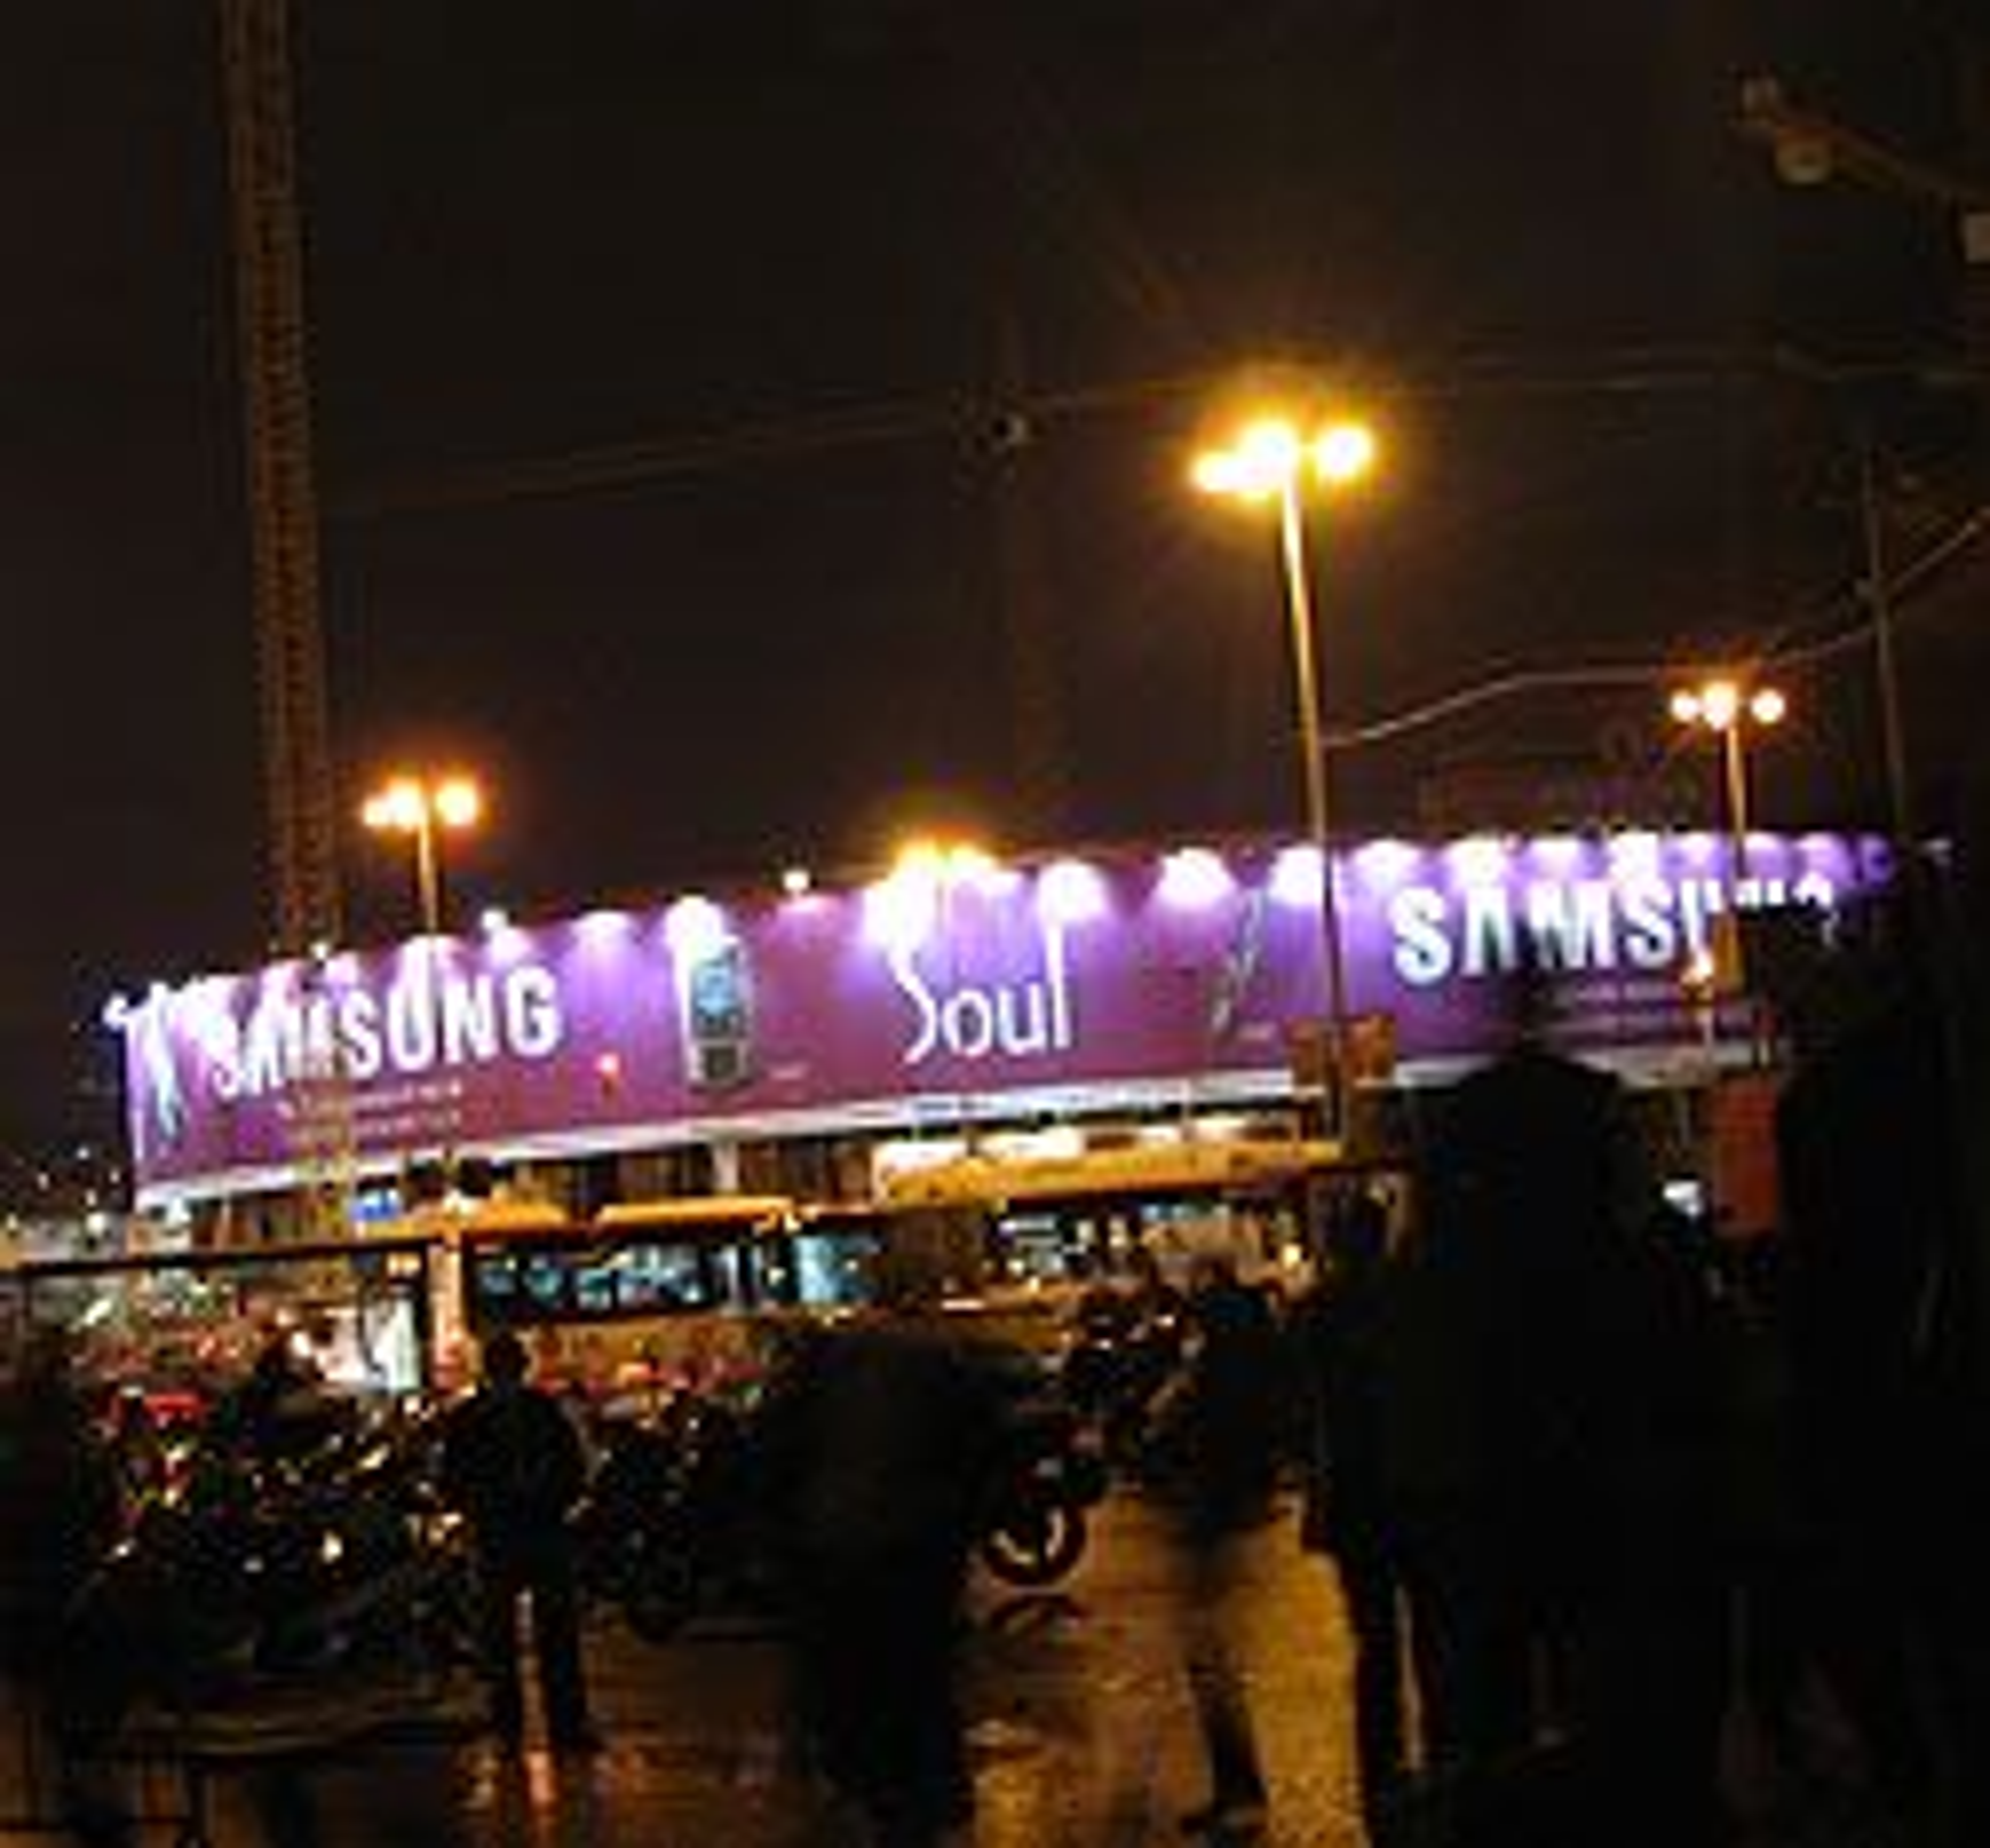 Det var Samsung som dominerte reklameplassene i byen. Motorola solgte ifølge kilder sine plasser til Samsung.